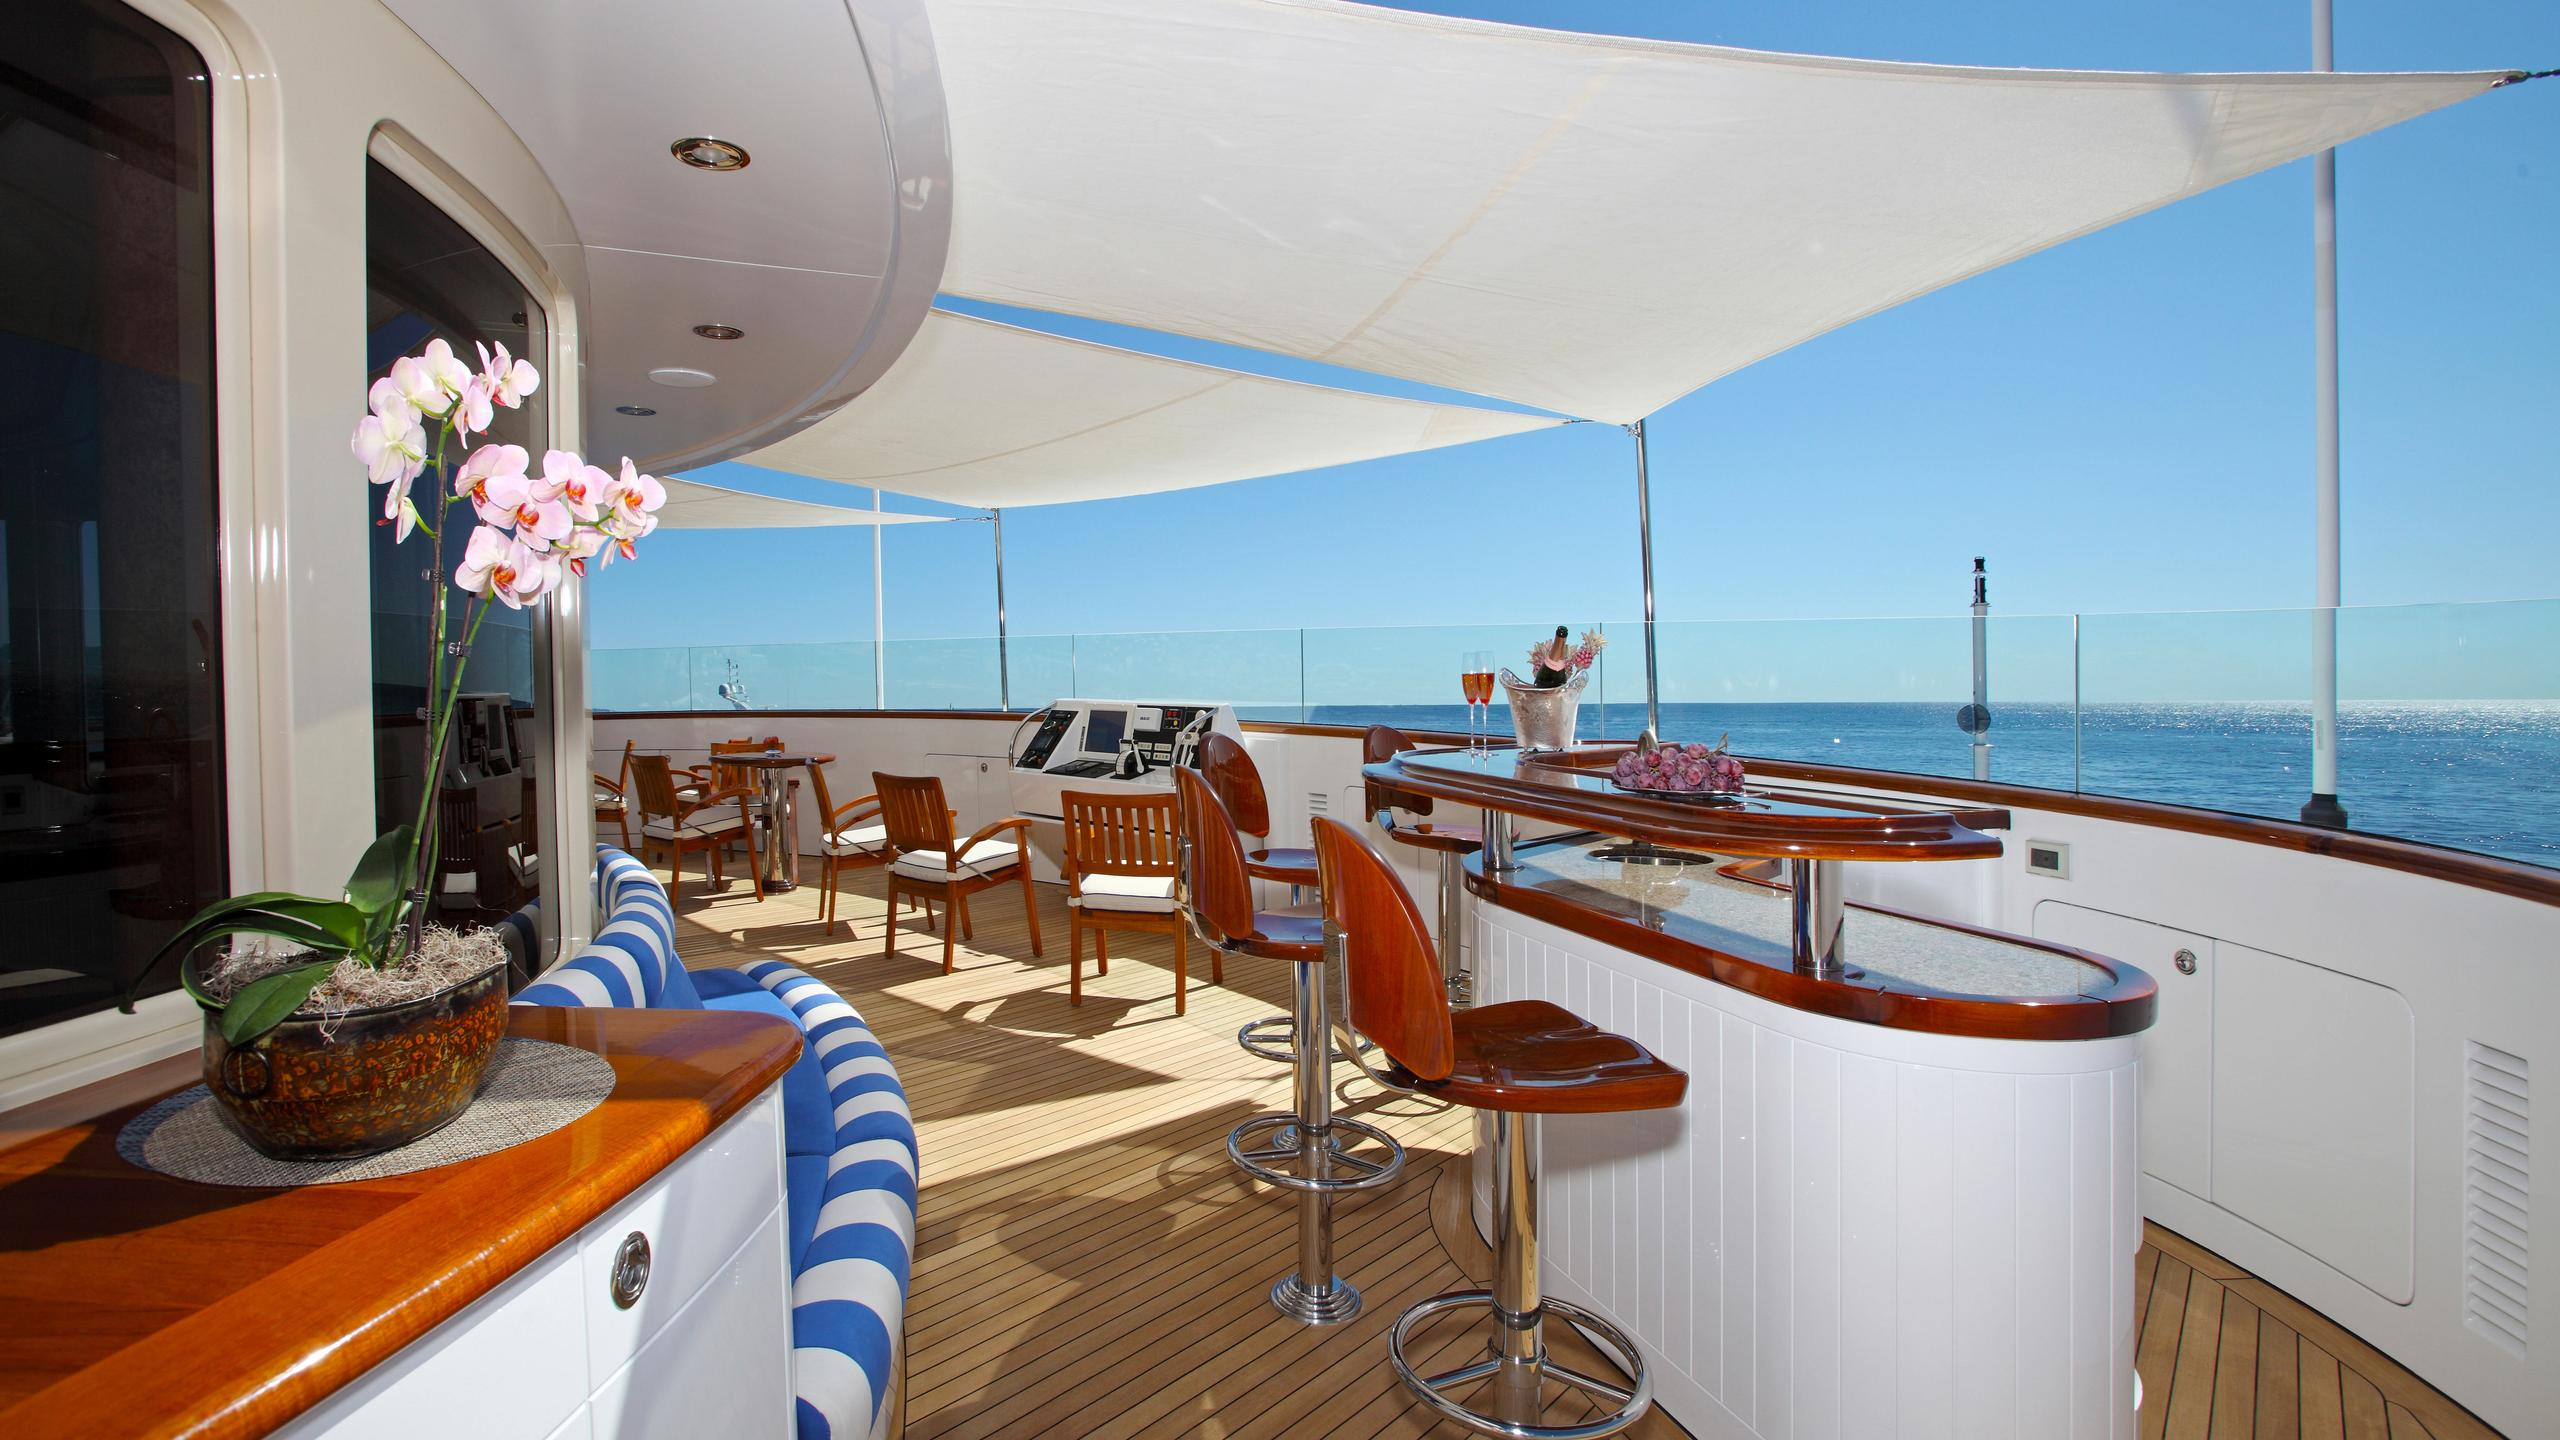 laurel-motor-yacht-delta-marine-2006-73m-sundeck